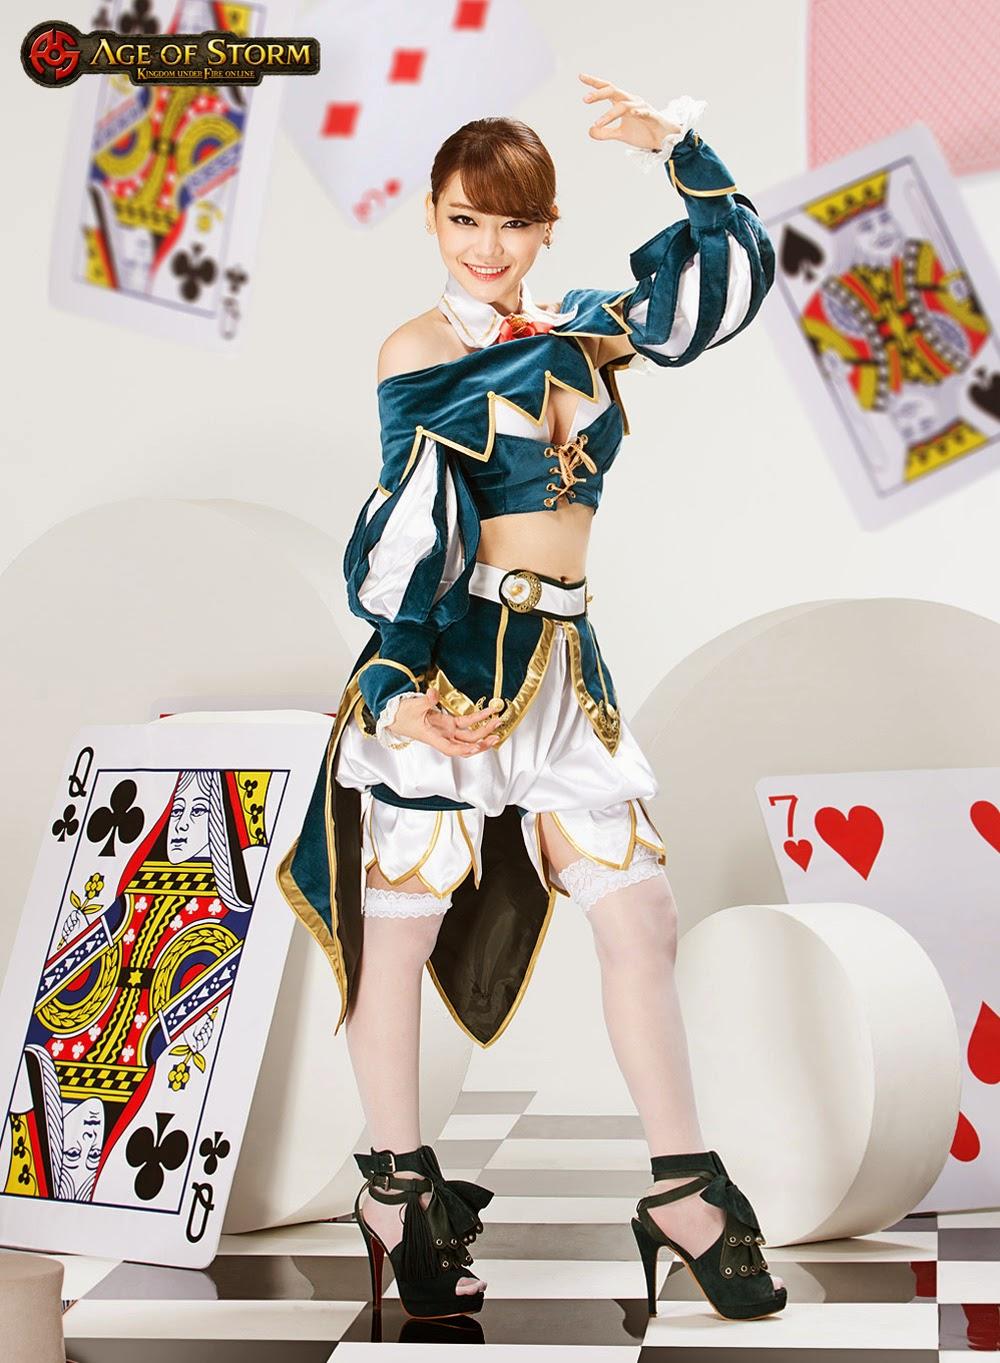 Hé lộ ảnh cosplay Age of Storm của Yuri Seo - Ảnh 3